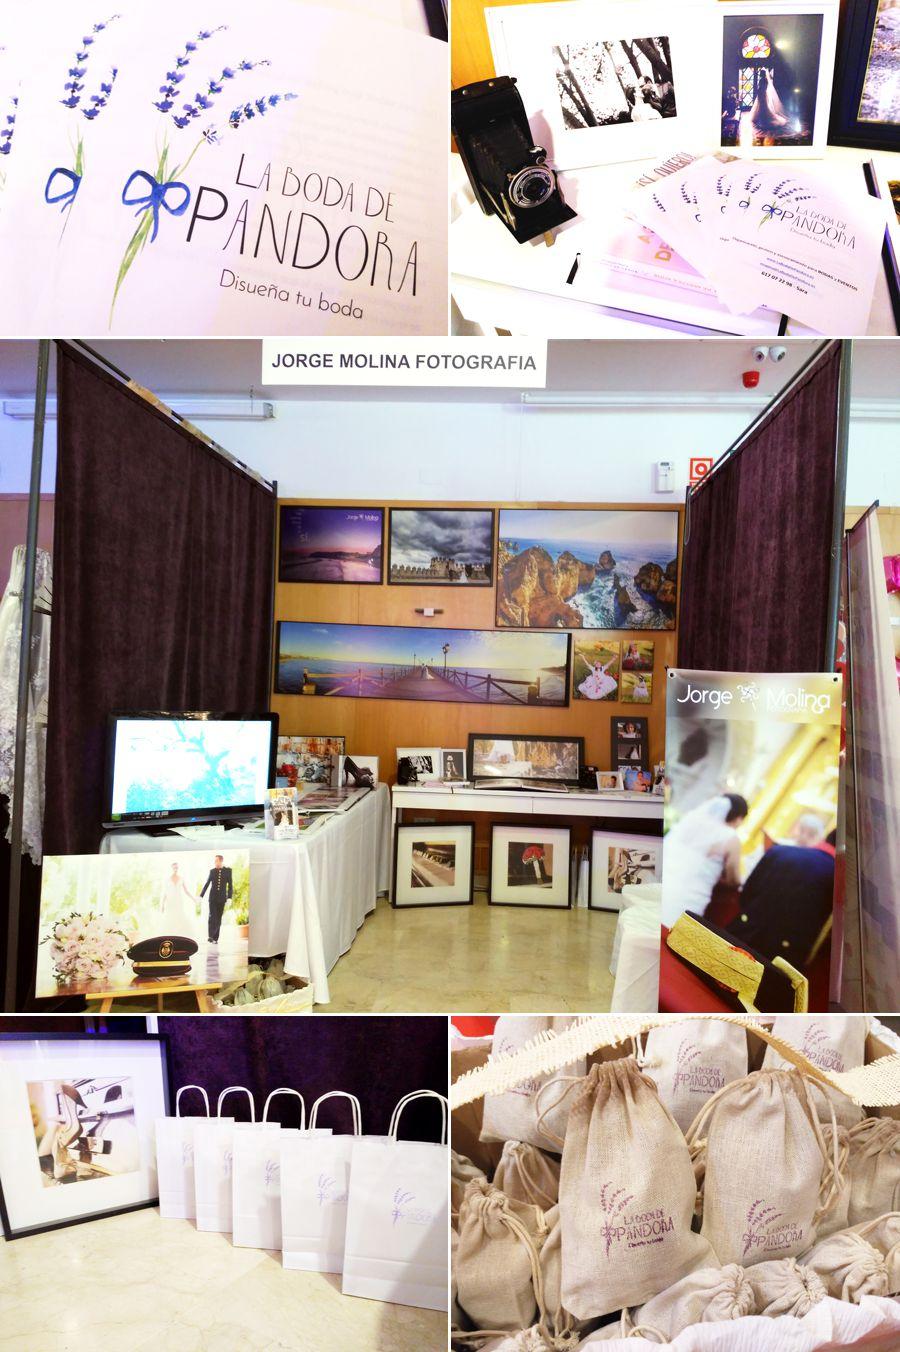 Collage La Boda de Pandora - Feria de boda